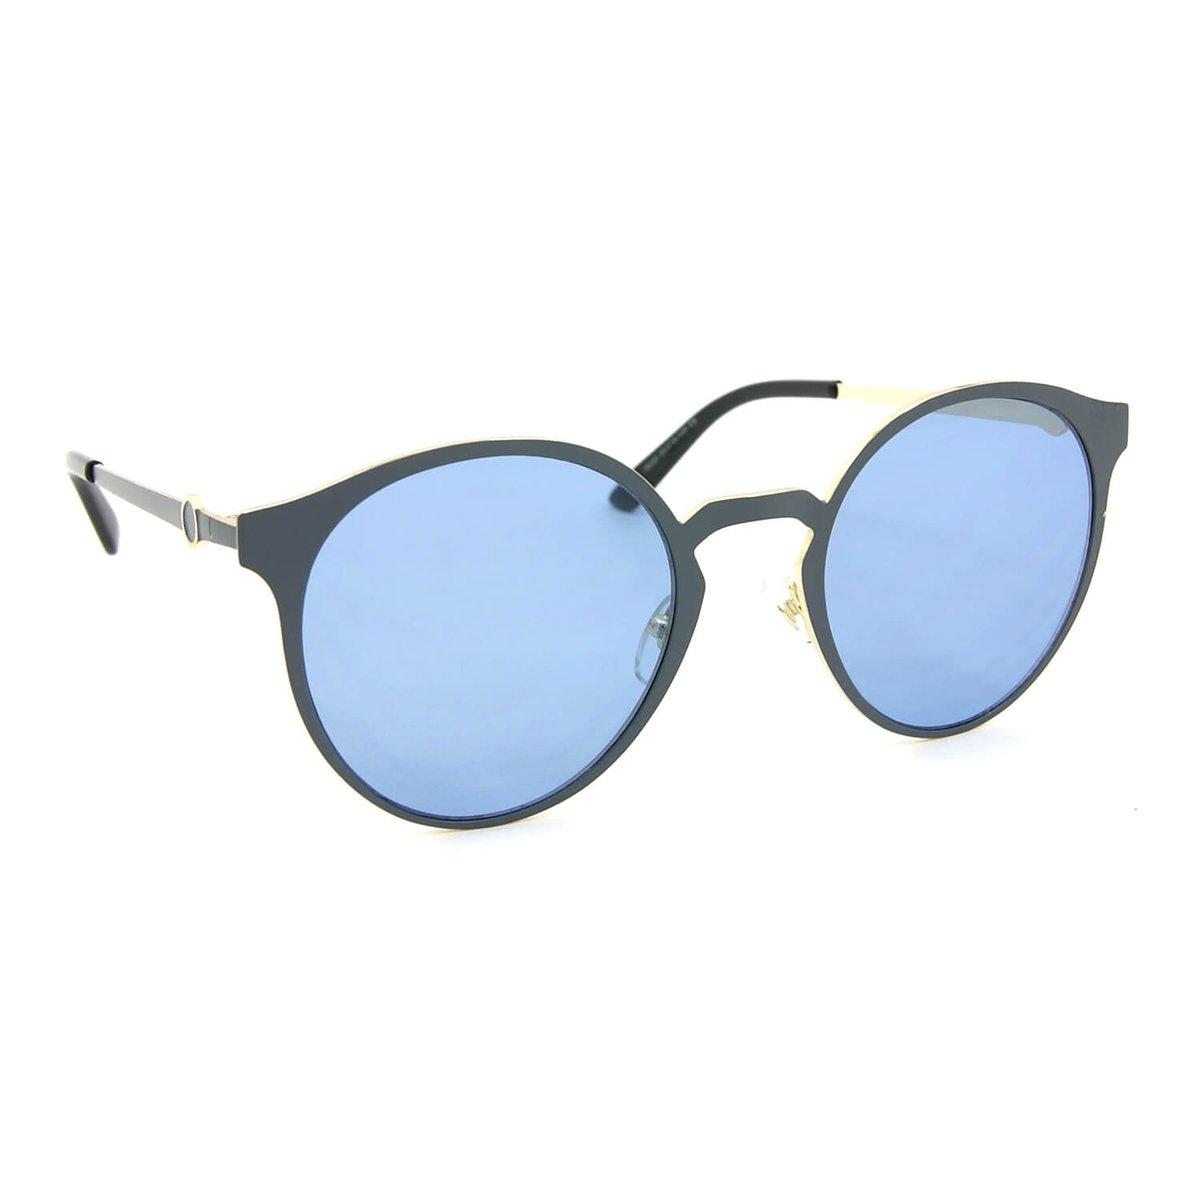 852fd8544fa15 Óculos de Sol Dourado e com Lente - Azul - Compre Agora   Zattini